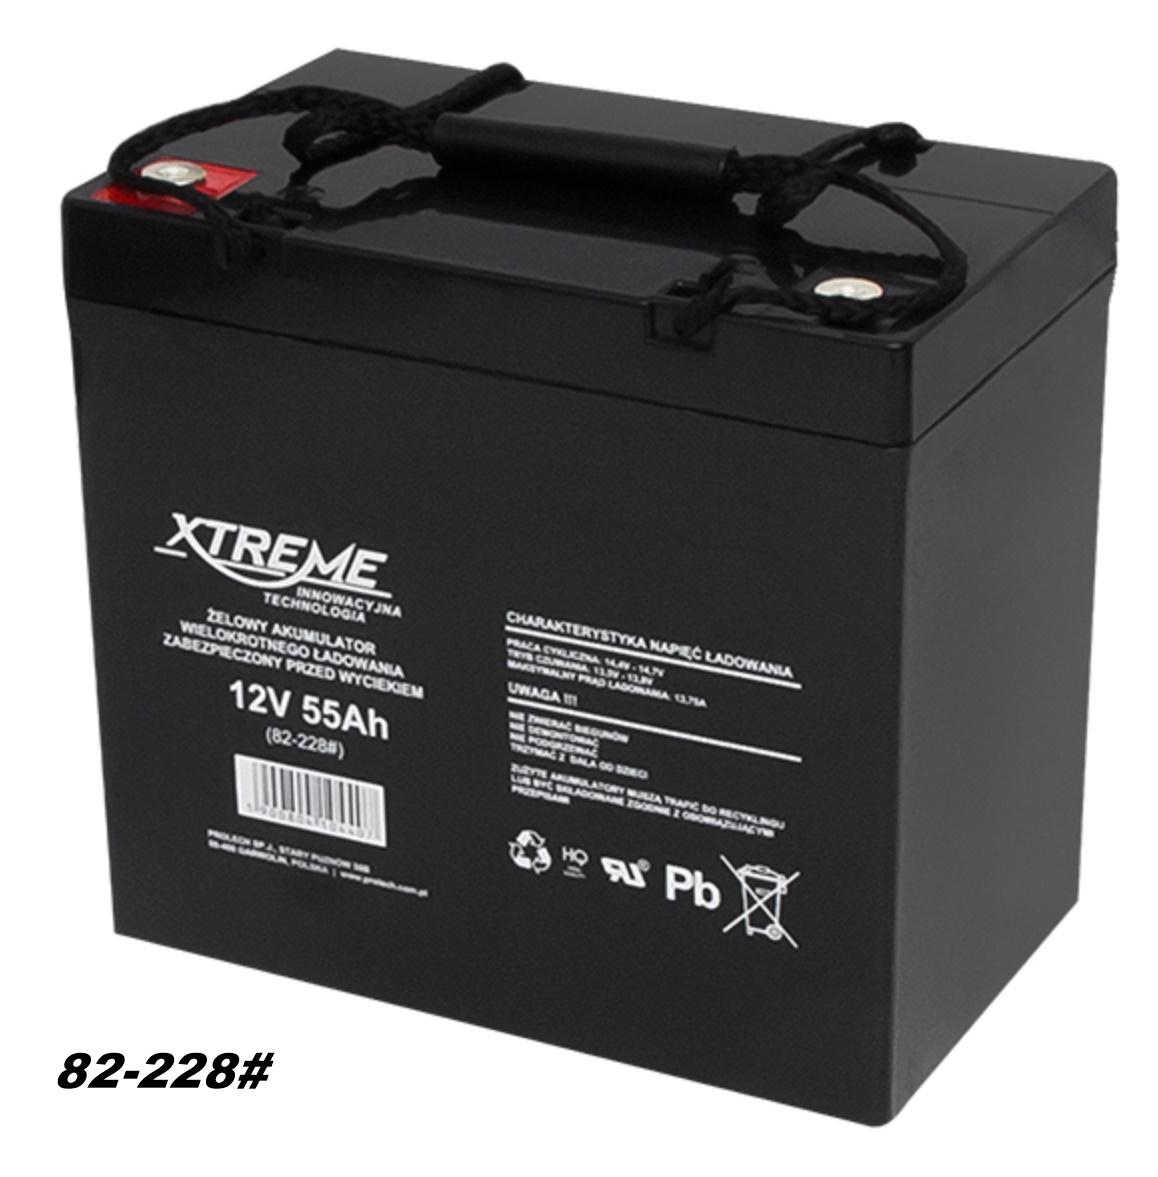 AGM-Batterie 12V 55Ah  von XTREME – Markenware